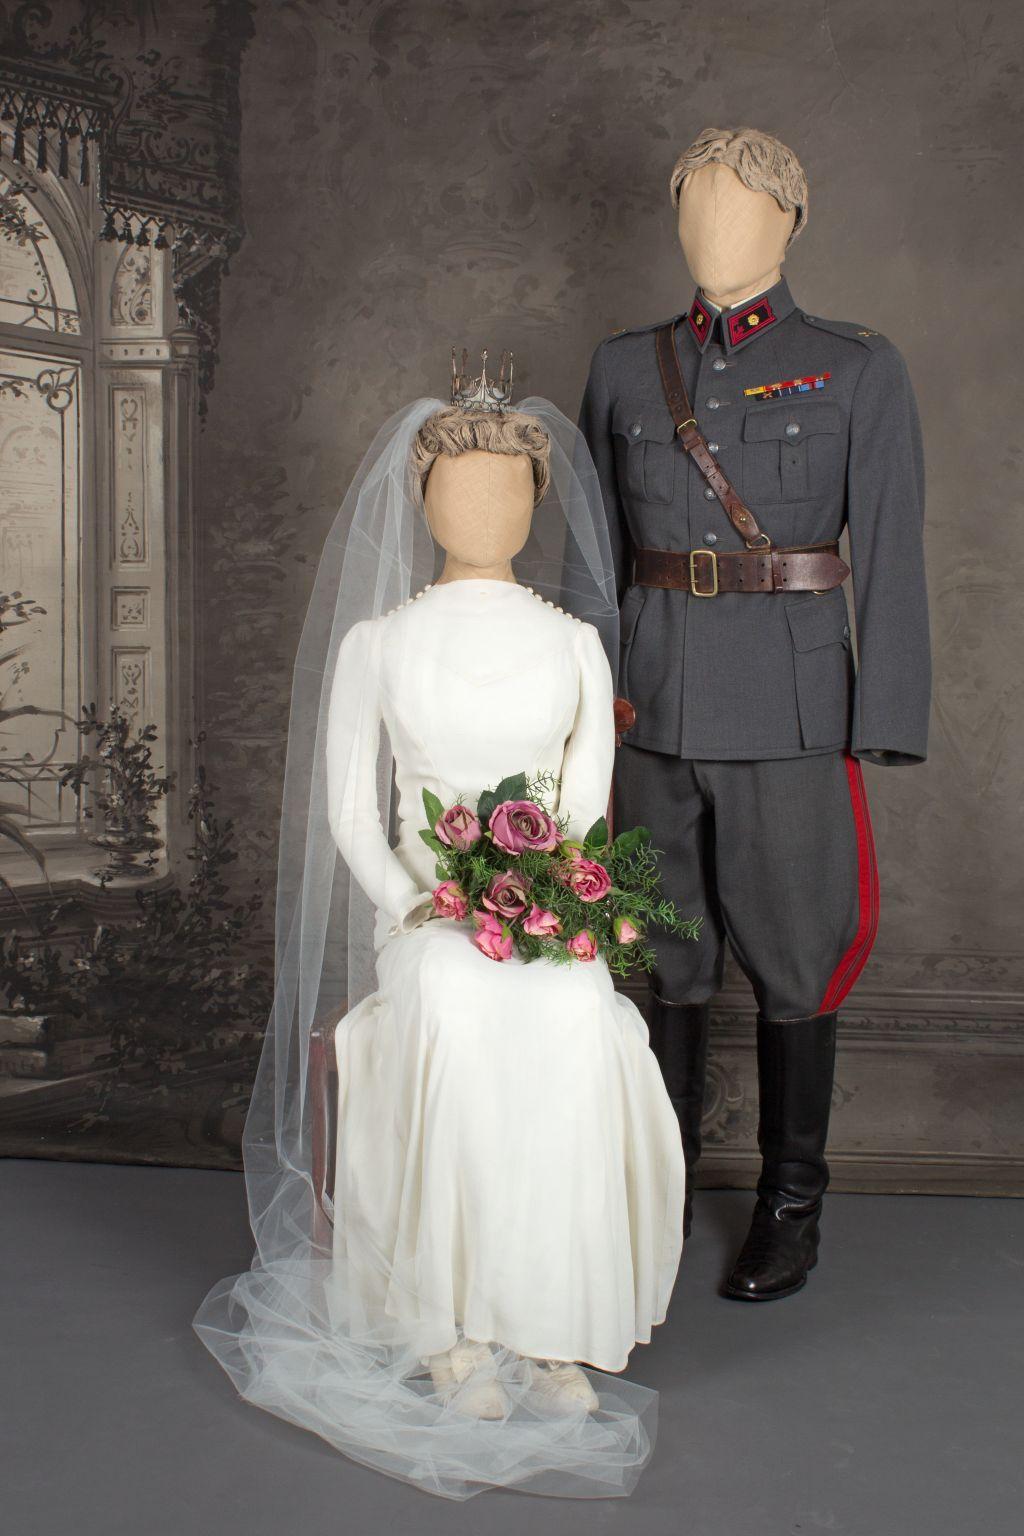 Mallinukkien päällä morsiamella valkea hääpuku ja päässä lotta-kruunu. Sulhasella sotilaspuku. Häät 1943.